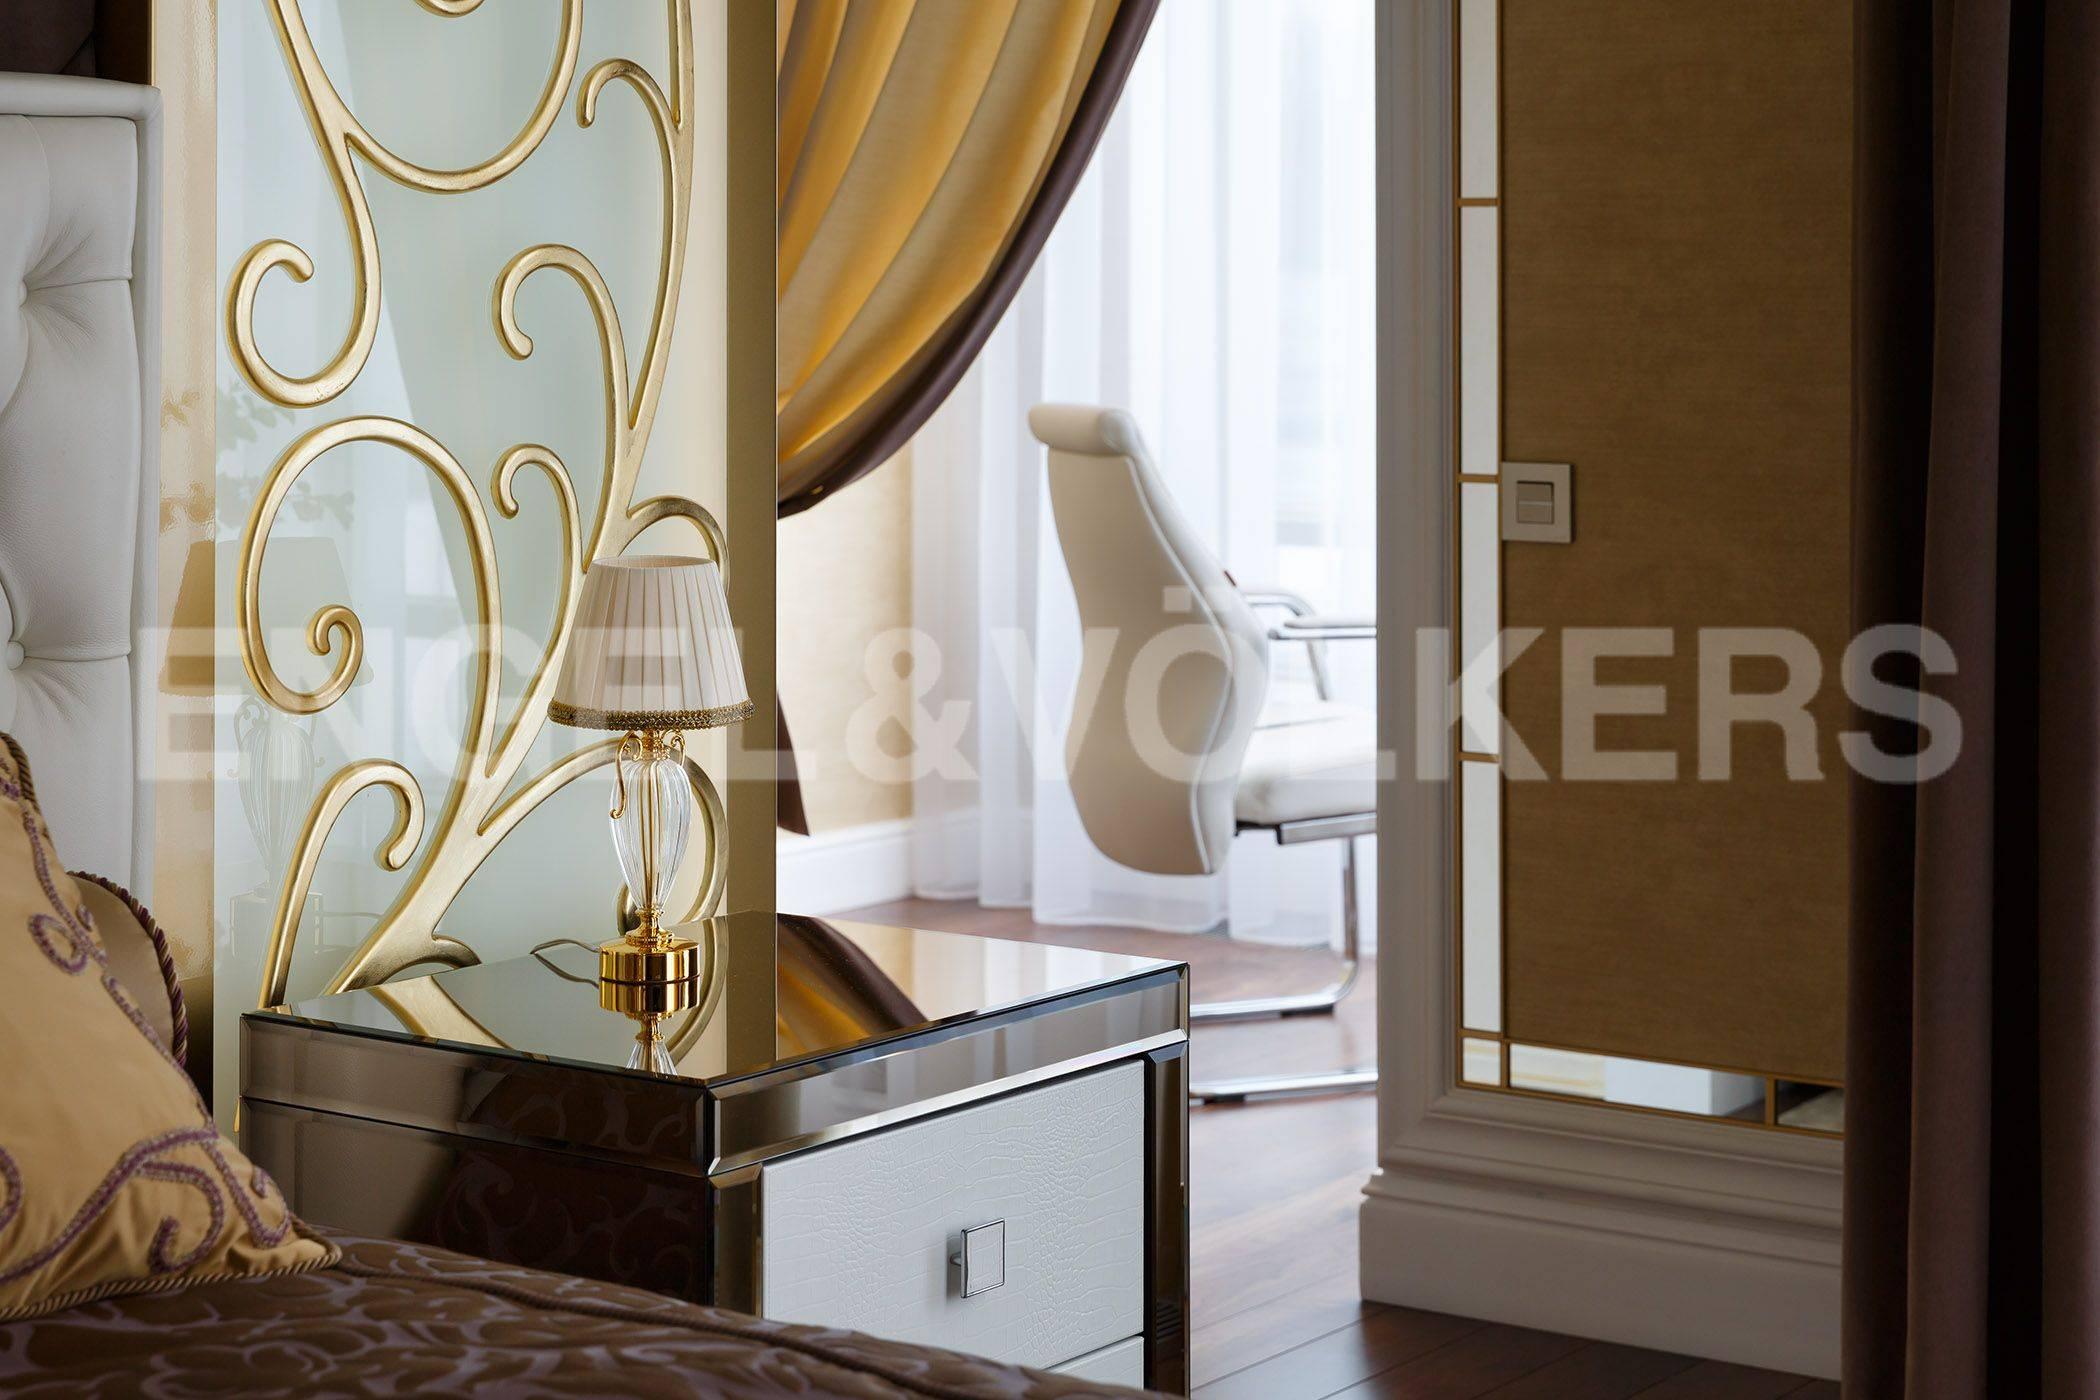 Элитные квартиры на . Санкт-Петербург, Константиновский, 23. Выход к зоне кабинета при спальне